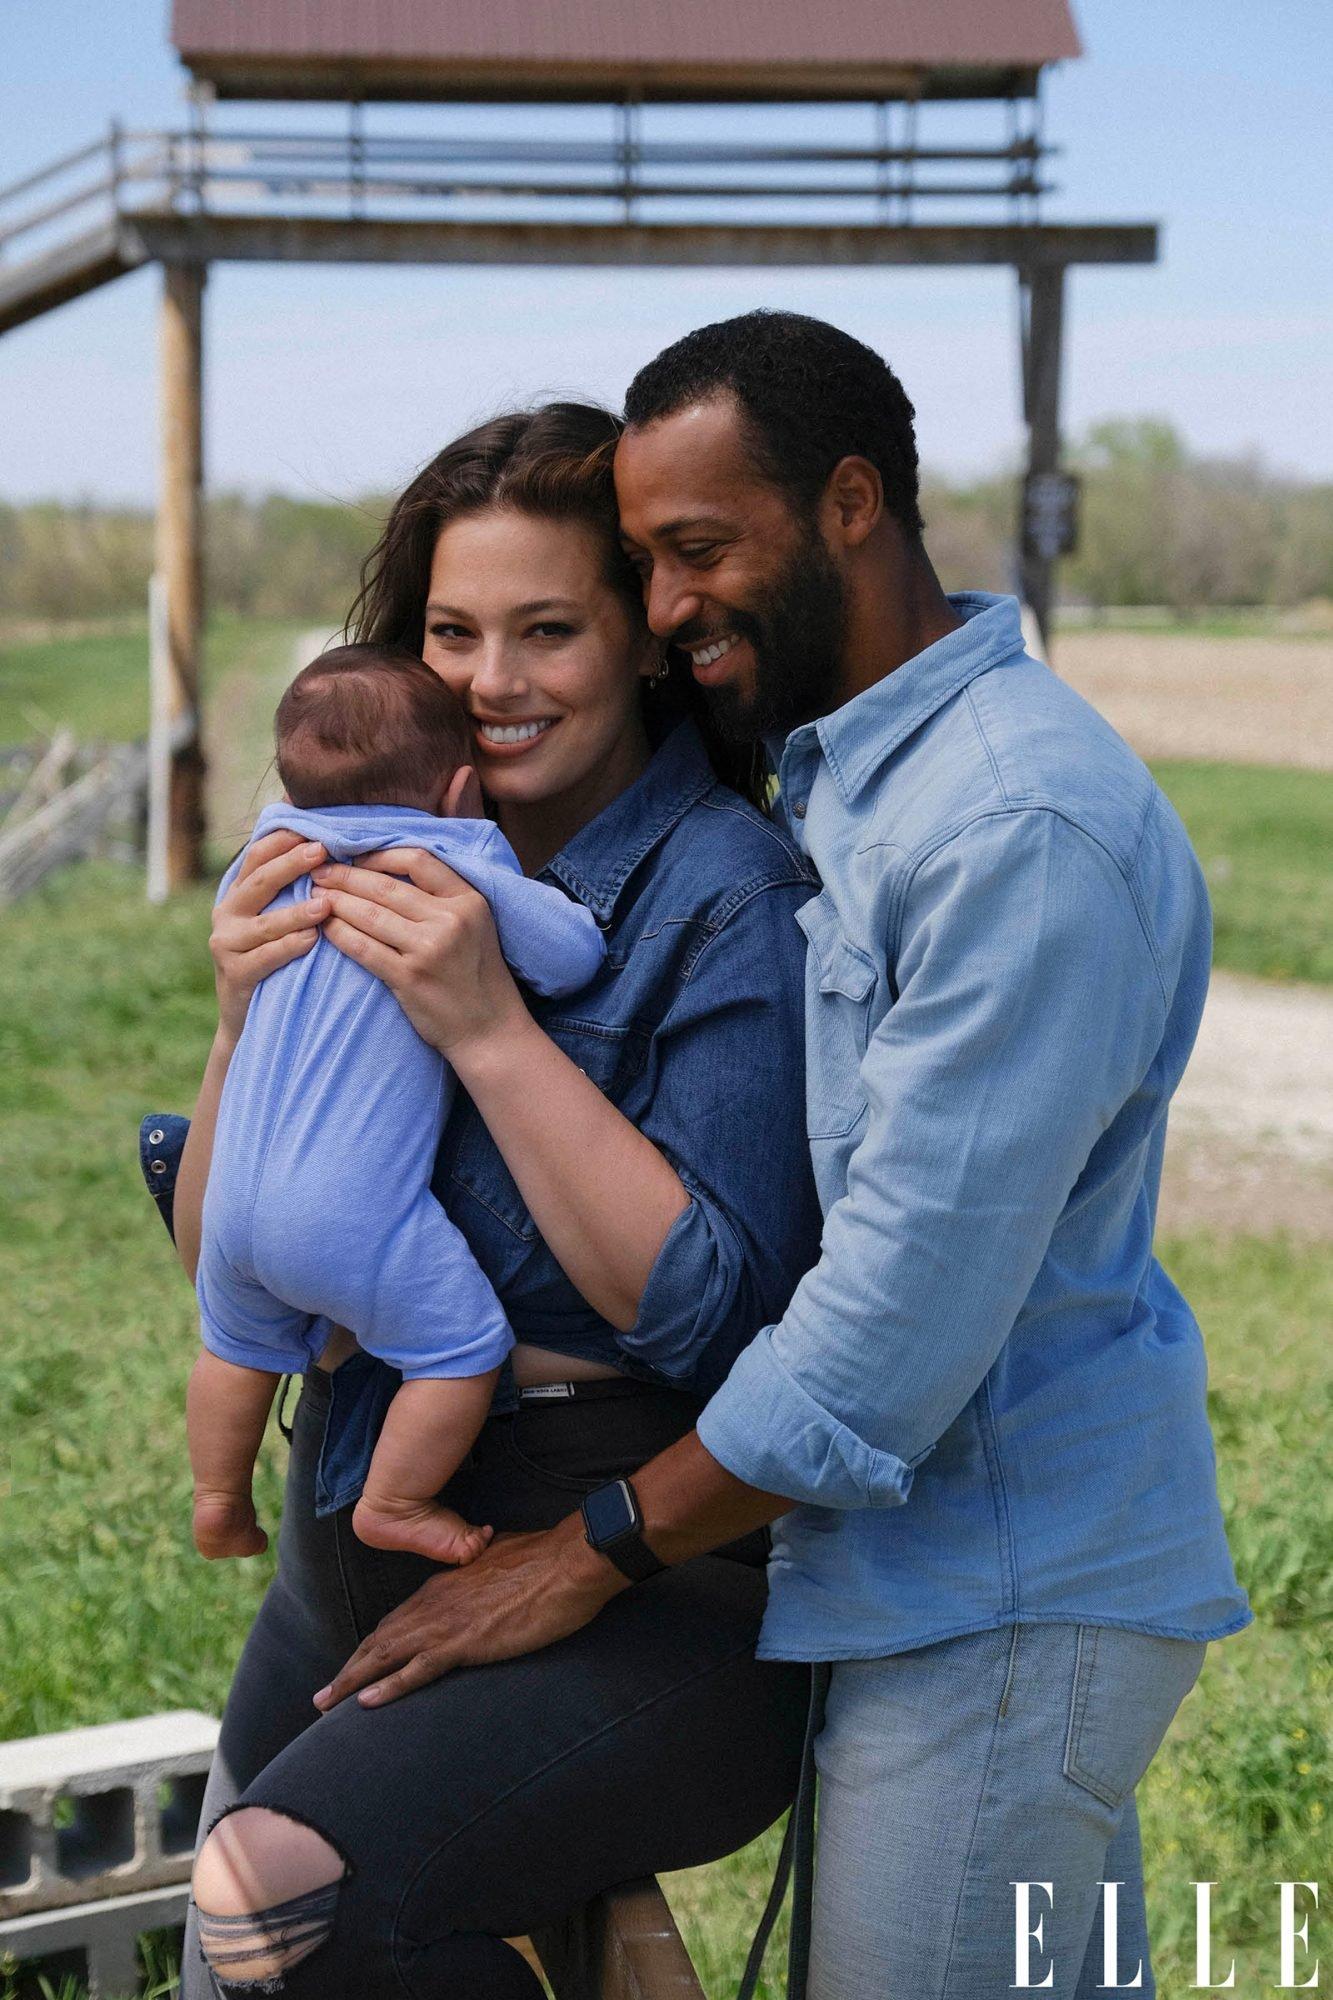 Plus-size модель Эшли Грэм сделала необычное фото с новорожденным сыном